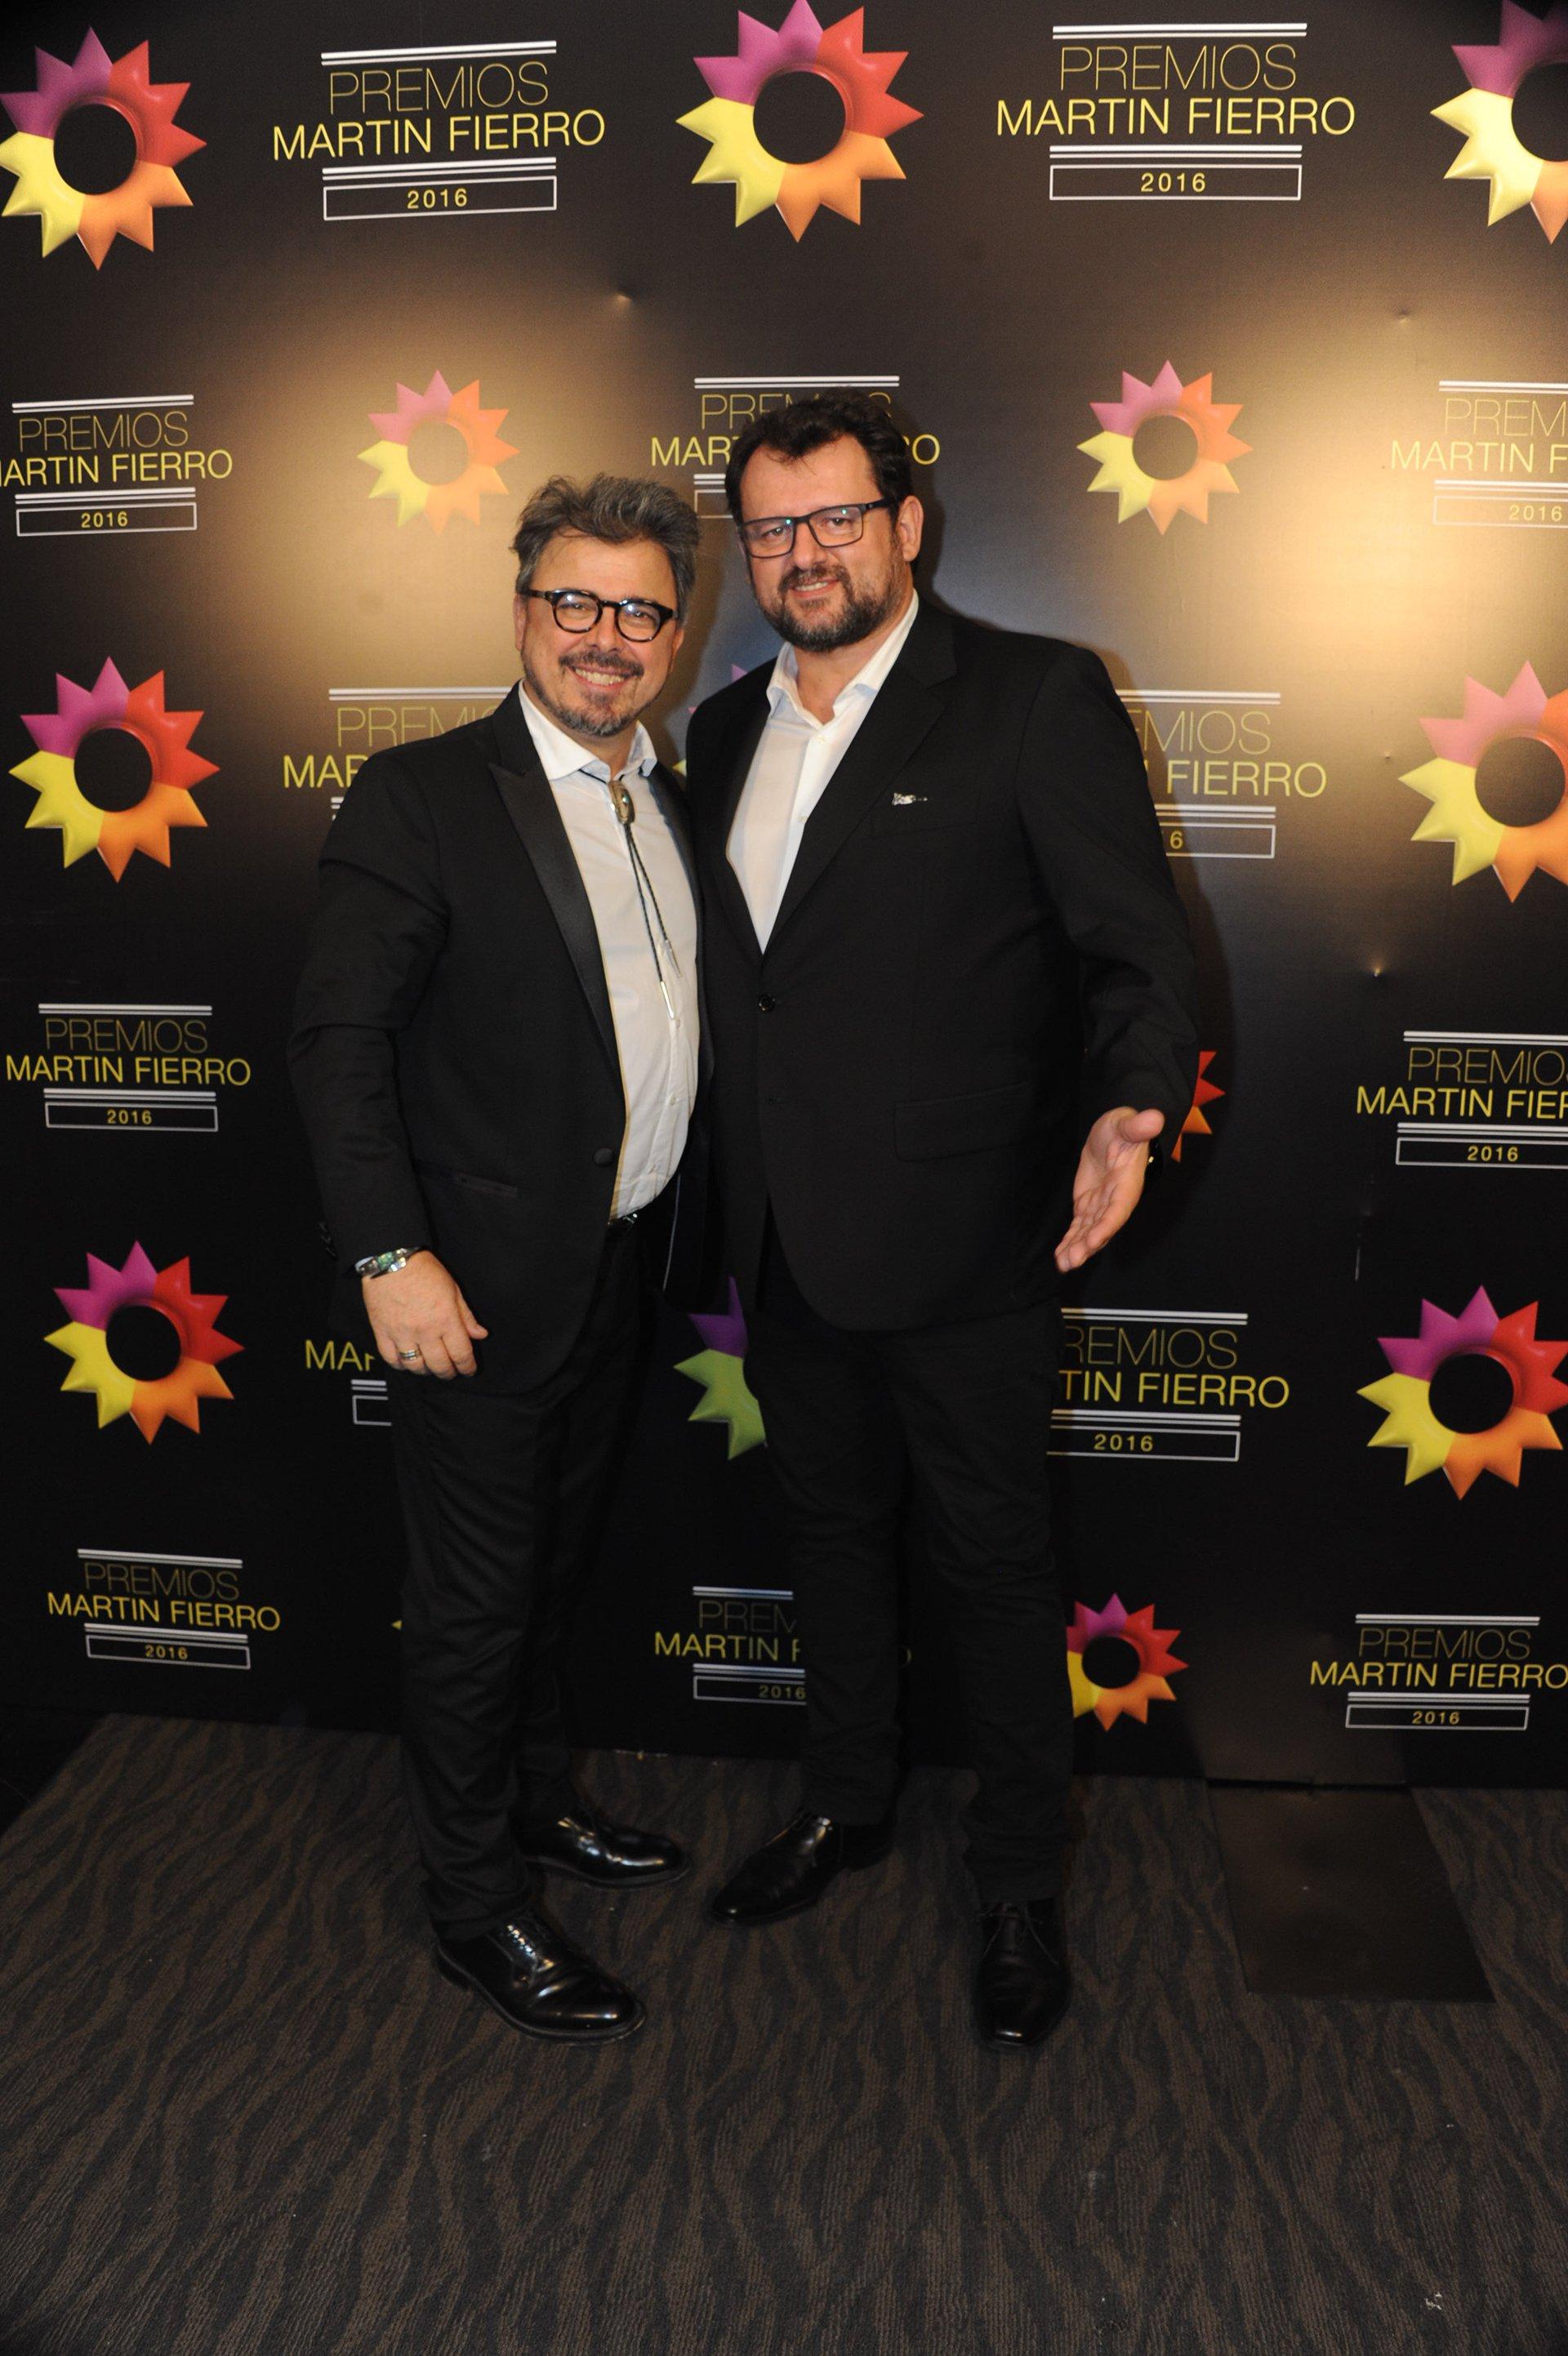 Los chef Donato De Santis y Christophe Krywonis, referentes de MasterChef, de Telefé en la noche de los Martín Fierro 2016